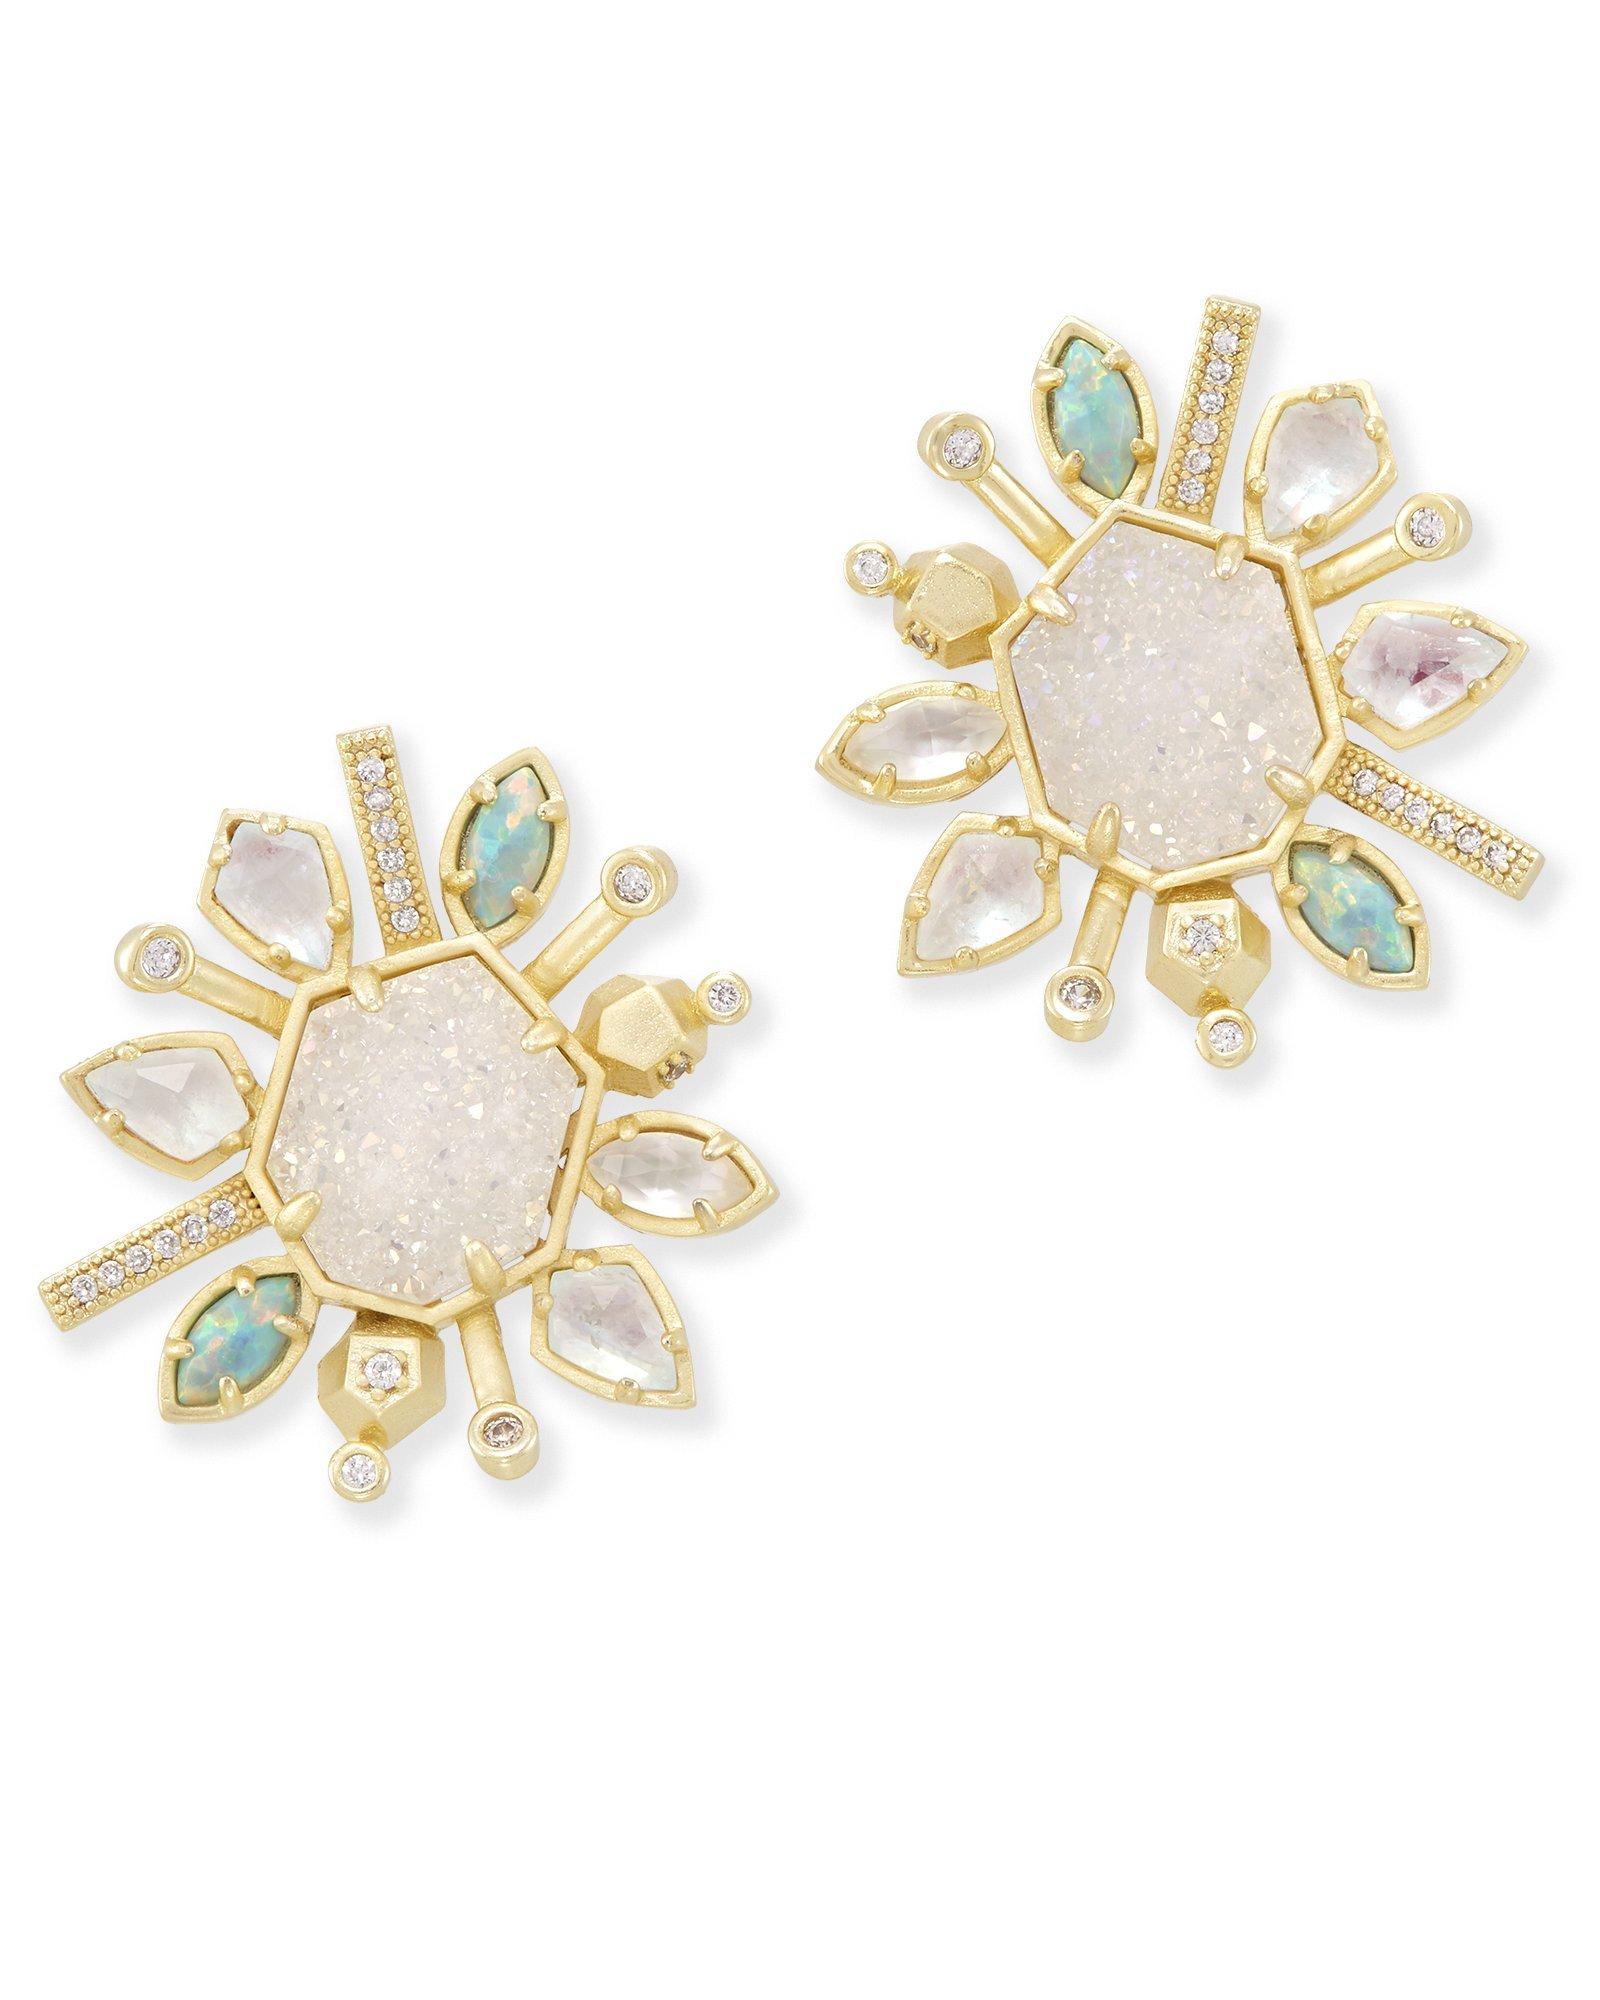 Kendra Scott Women's Ophelia Earrings Gold/Haven Colorway Earring